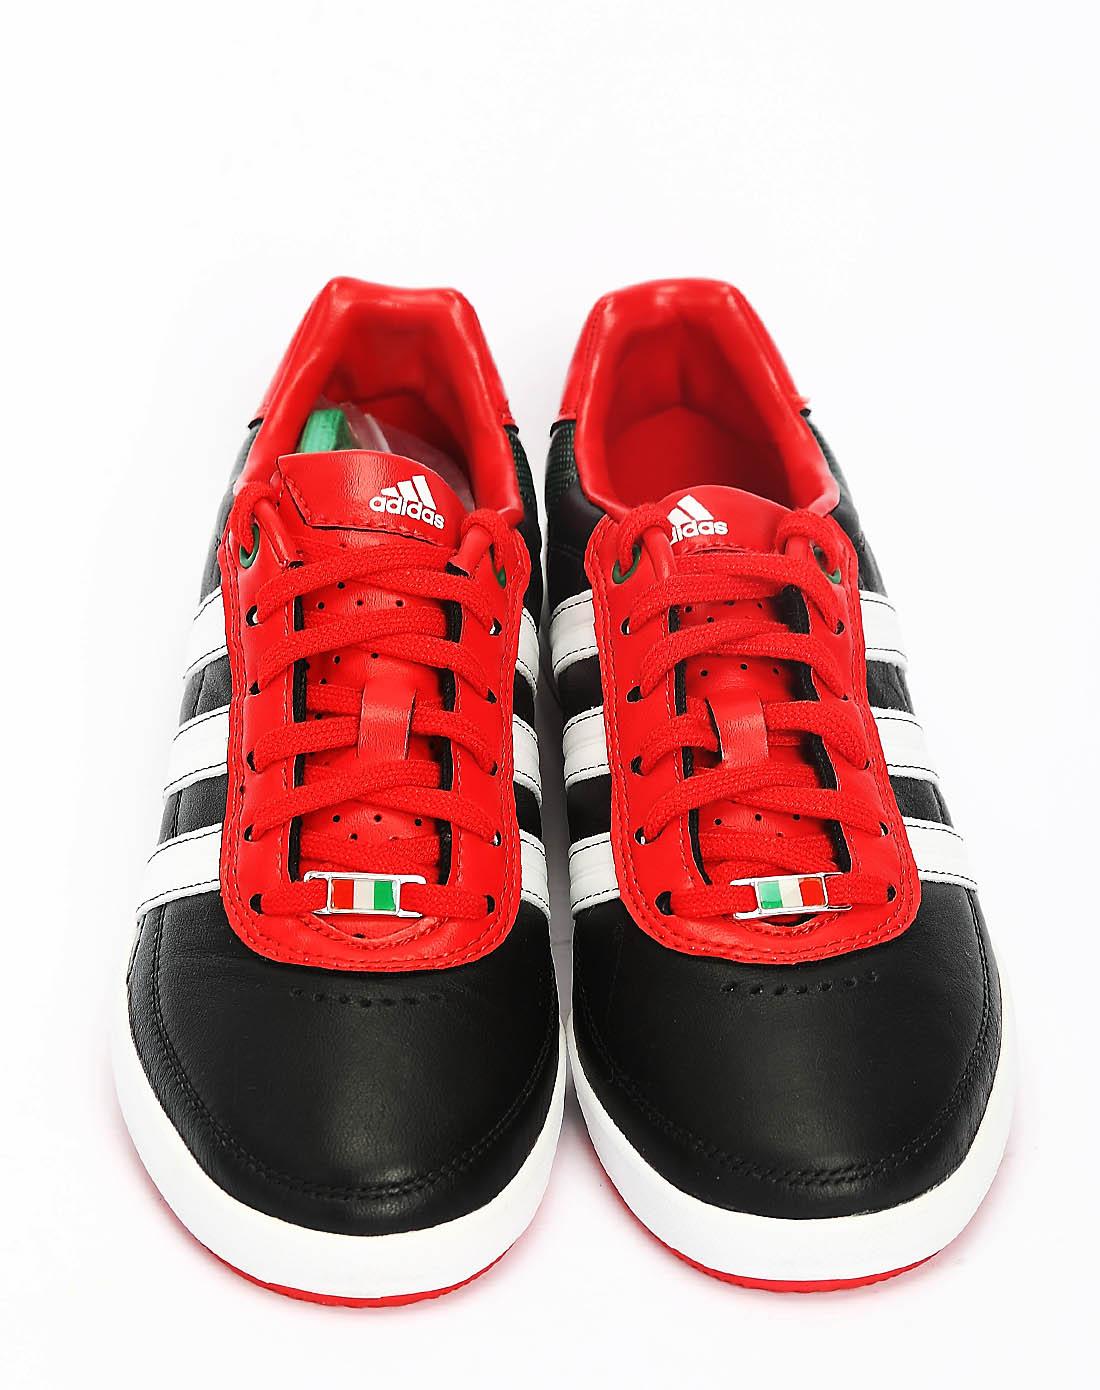 阿迪达斯adidas男子黑色足球鞋g40763